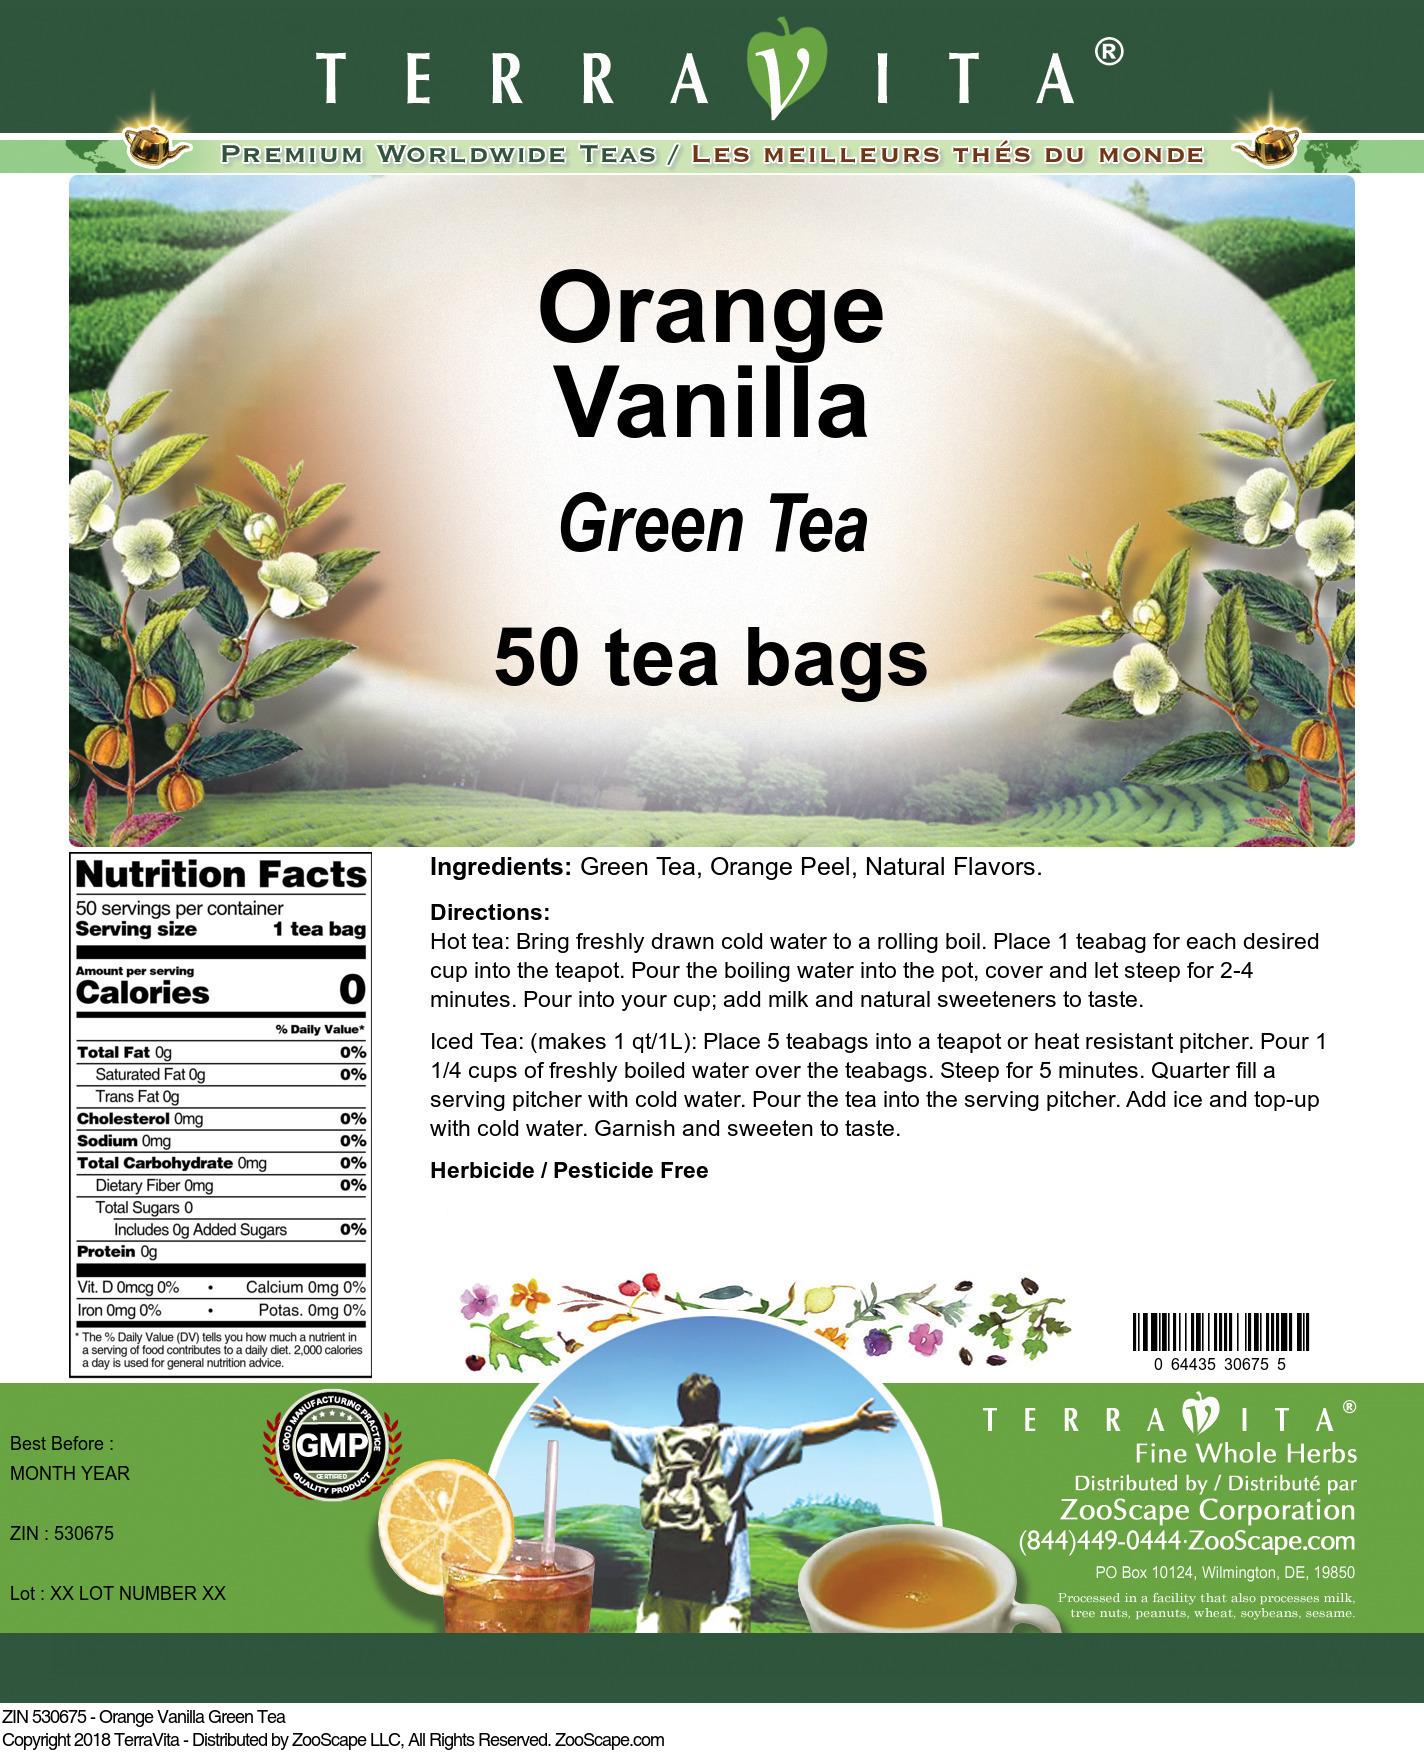 Orange Vanilla Green Tea